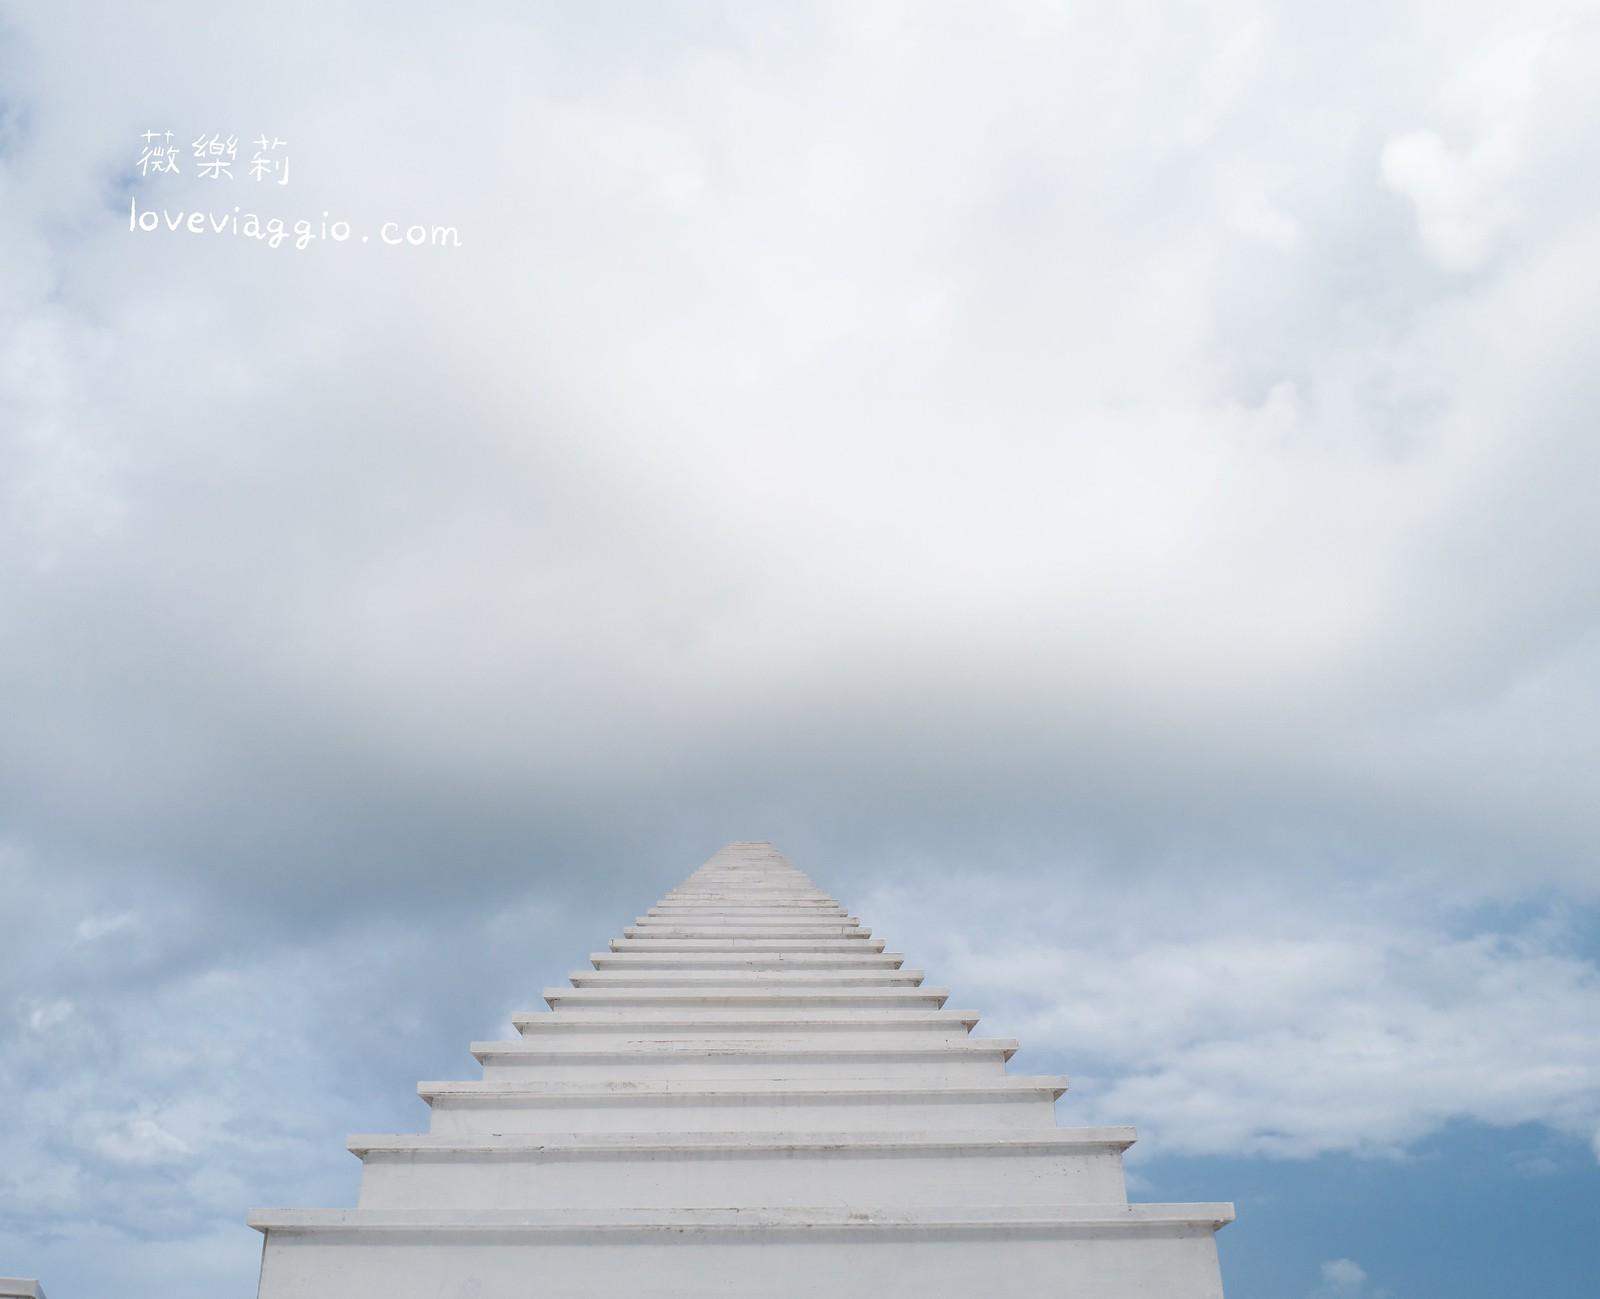 【澎湖 Penghu】傳承堡飯店 鄰近山水沙灘 城堡造型 天梯IG打卡 @薇樂莉 Love Viaggio | 旅行.生活.攝影